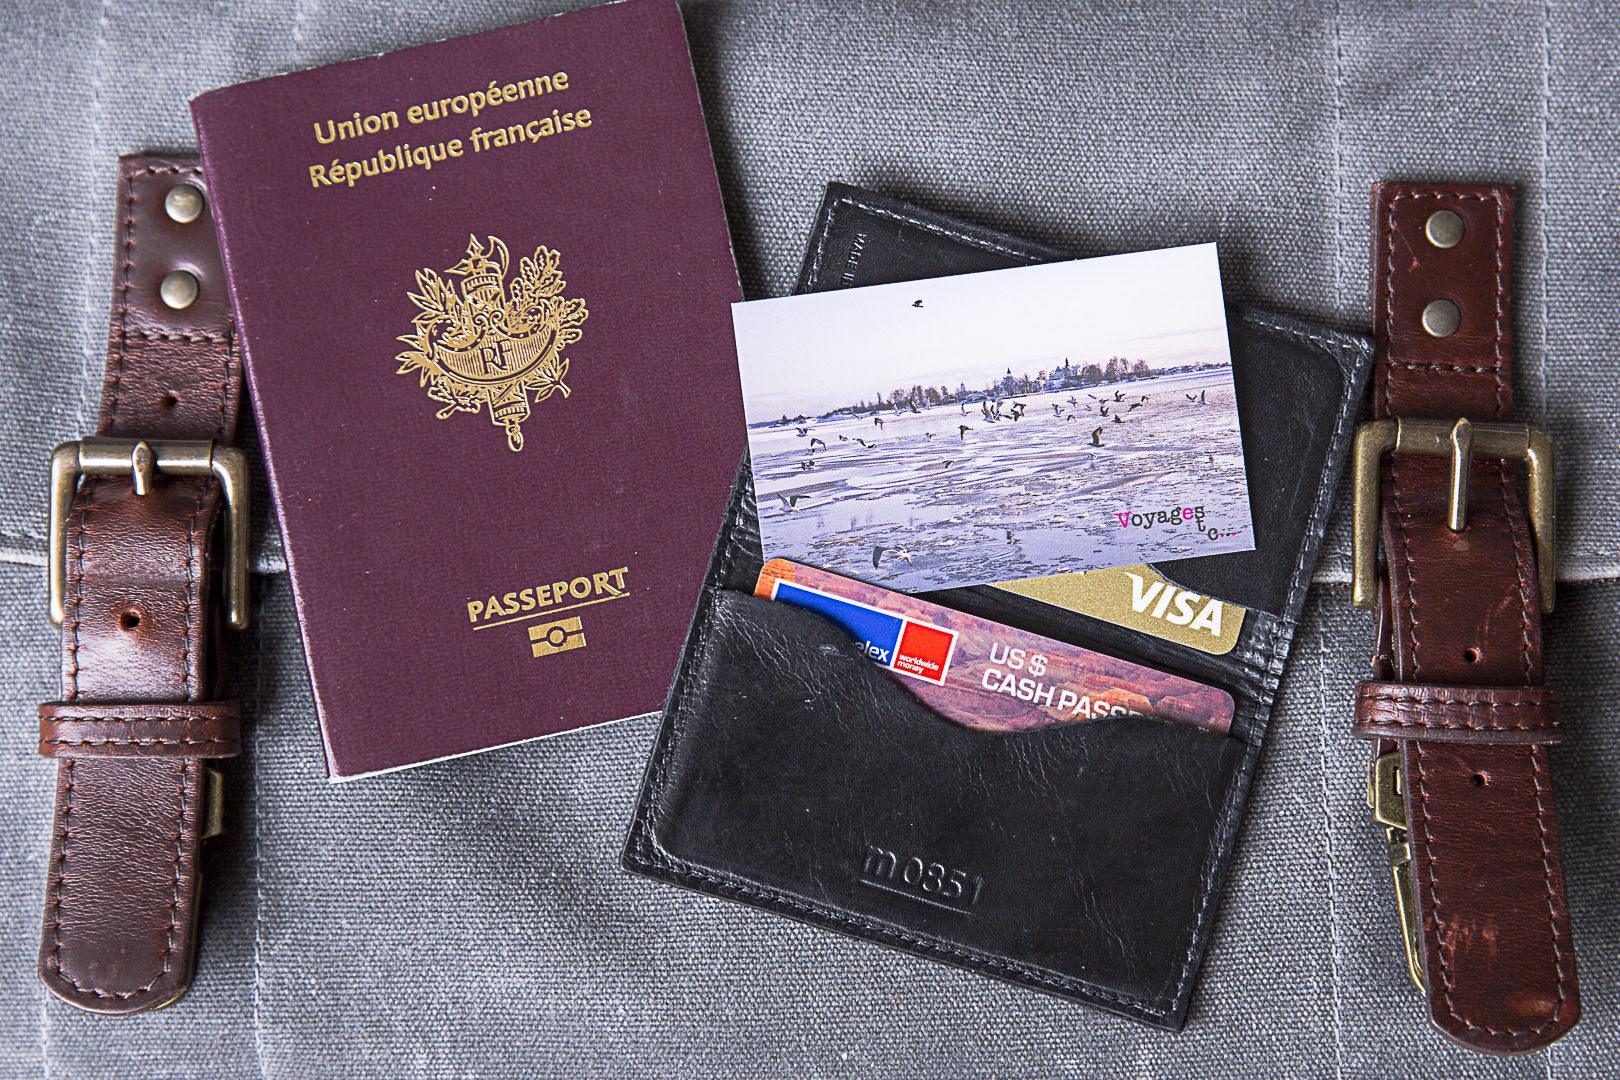 carte bancaire bloquée que faire Carte bancaire bloquée à l'étranger, que faire ? | Voyages etc